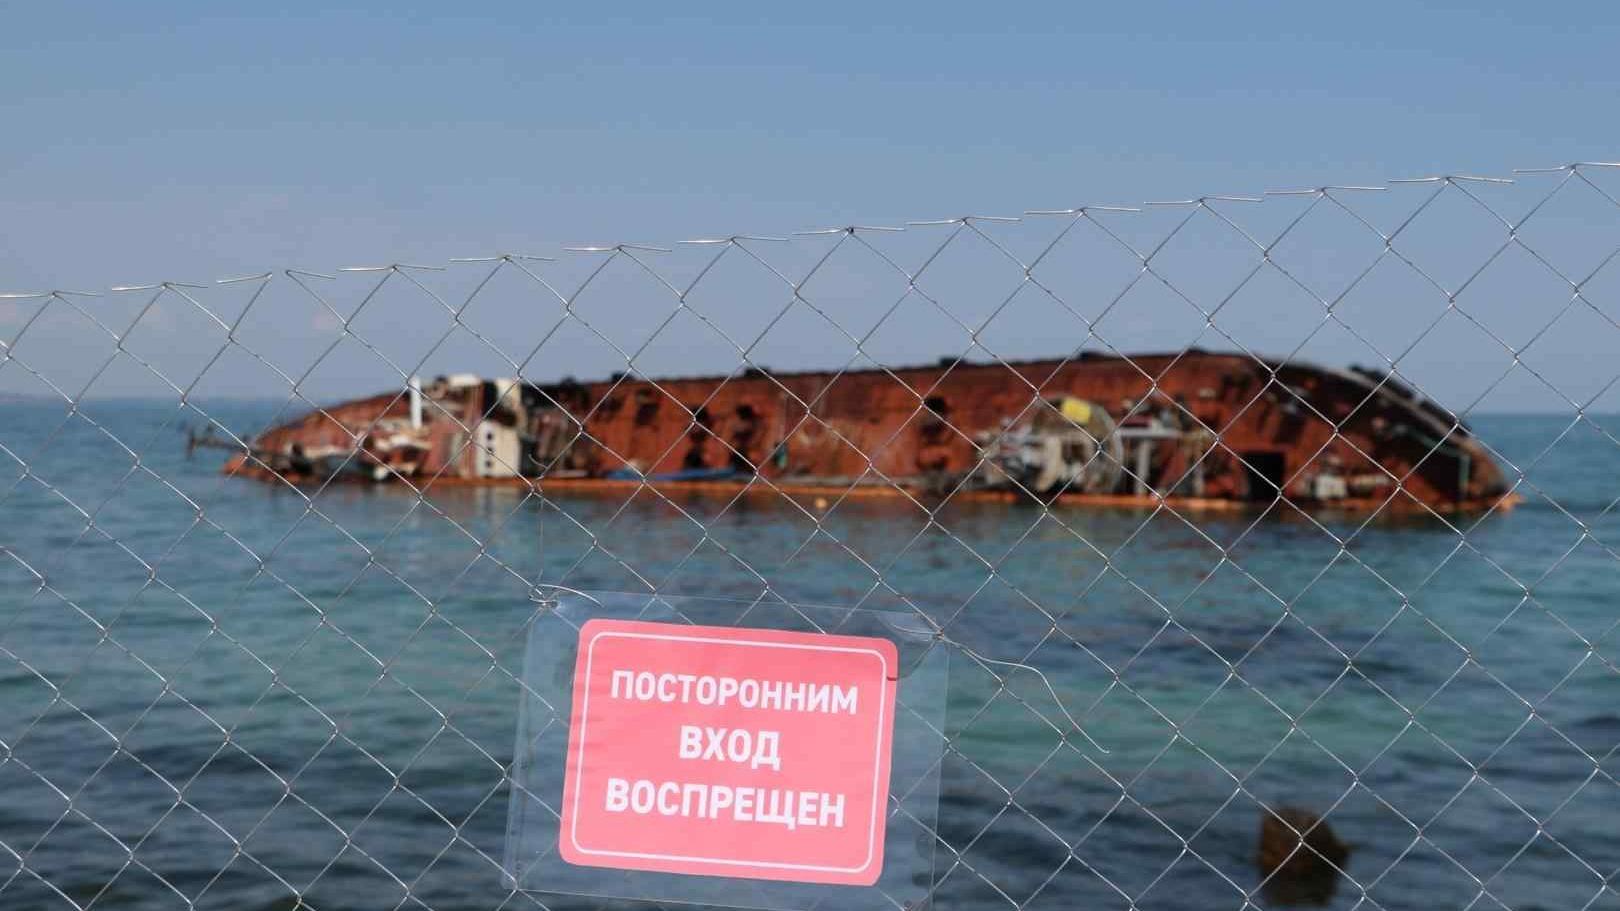 Zatonuvshij_tanker_Delfi_v_Odesse-3_4915527b59ccb1154a0fd275c55474e0-Cropped.jpg